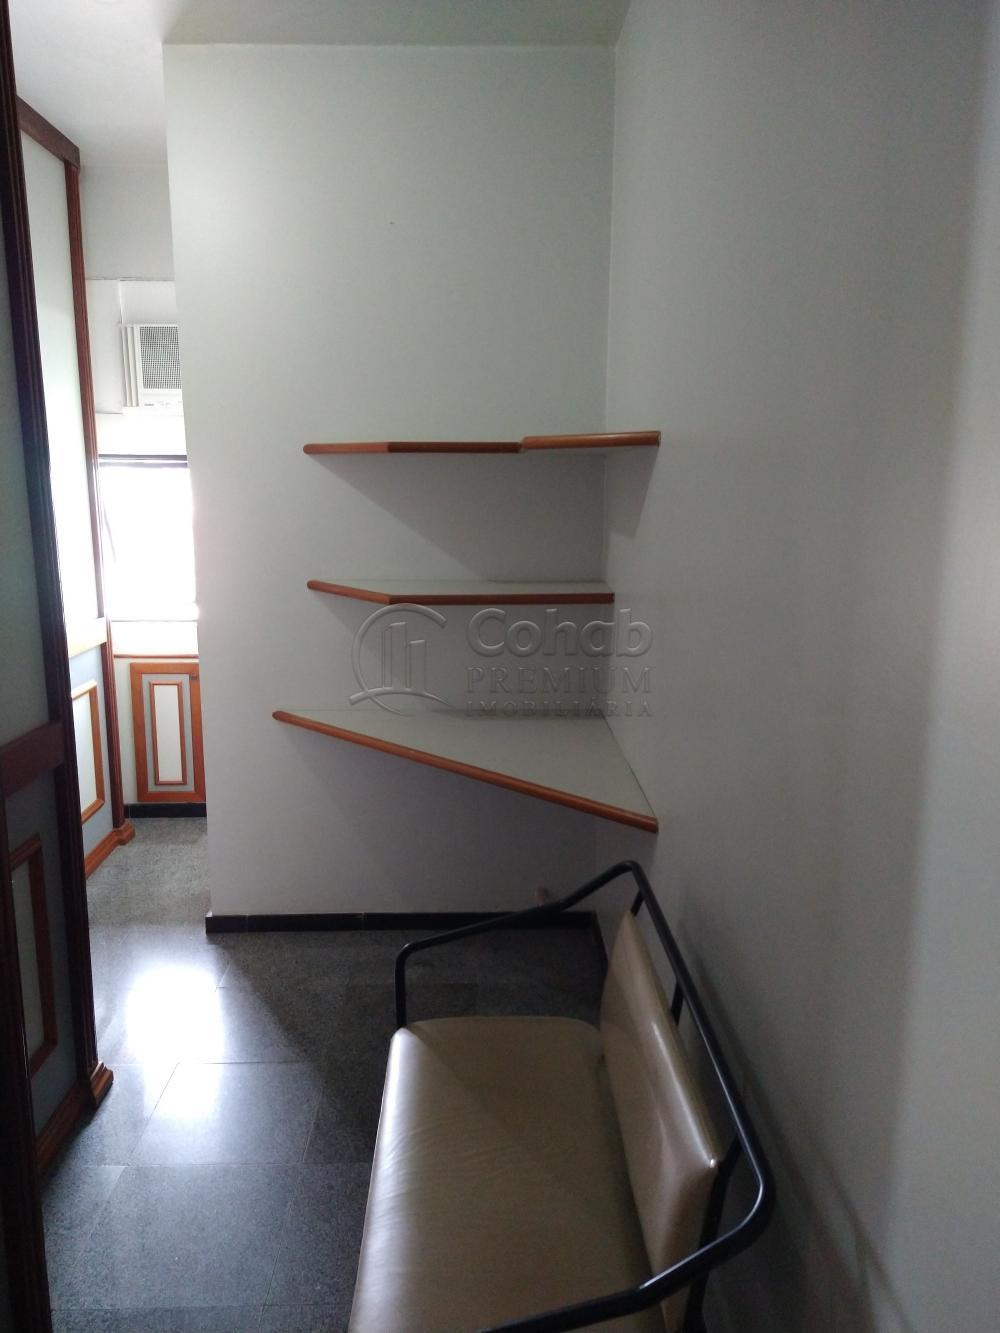 Alugar Comercial / Sala em Aracaju R$ 1.100,00 - Foto 6